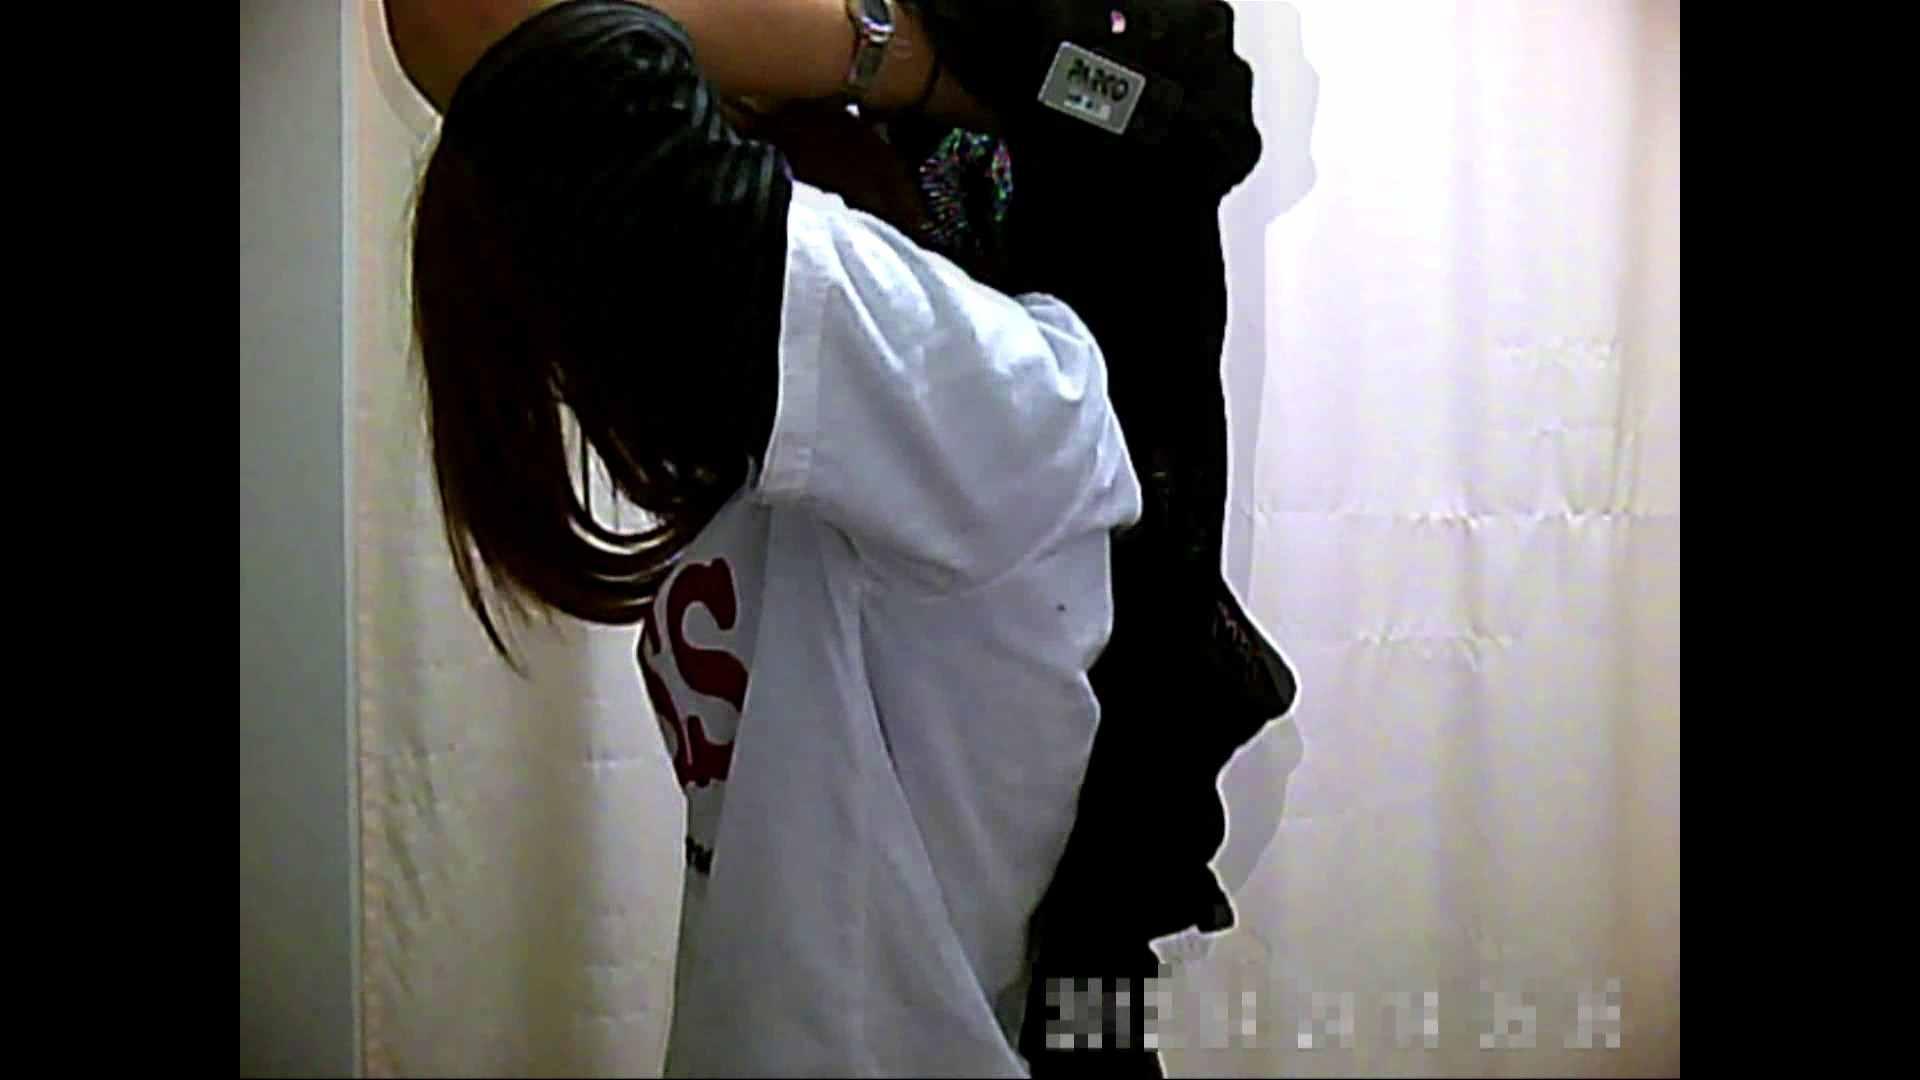 元医者による反抗 更衣室地獄絵巻 vol.010 ギャル  97PIX 72